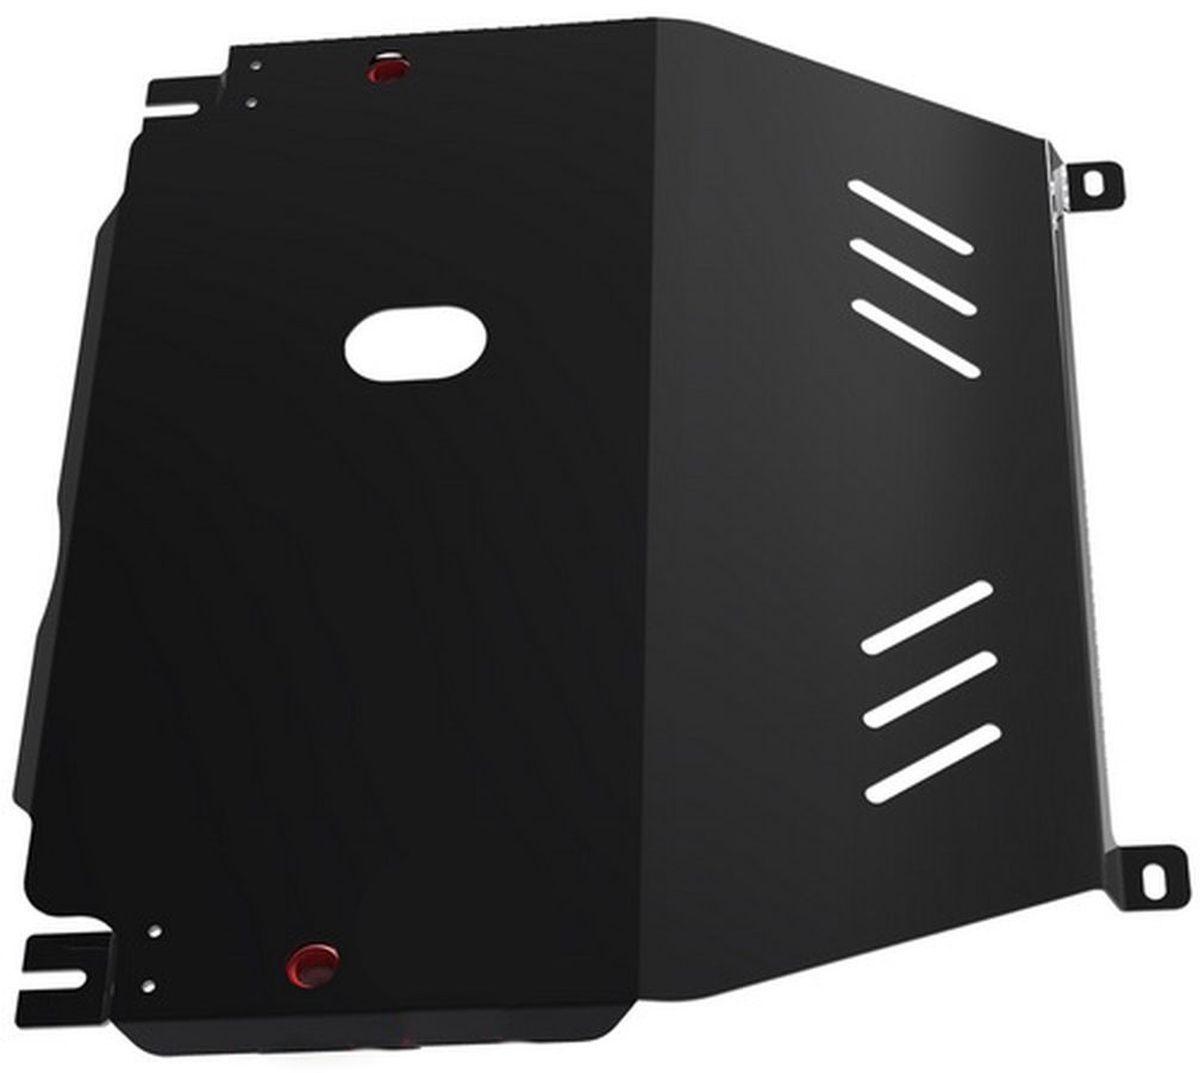 Защита картера и КПП Автоброня Chevrolet Aveo 2012-, сталь 2 мм1.01015.1Защита картера и КПП Автоброня Chevrolet Aveo, МКПП, V - 1,6 2012-, сталь 2 мм, штатный крепеж, 1.01015.1Стальные защиты Автоброня надежно защищают ваш автомобиль от повреждений при наезде на бордюры, выступающие канализационные люки, кромки поврежденного асфальта или при ремонте дорог, не говоря уже о загородных дорогах.- Имеют оптимальное соотношение цена-качество.- Спроектированы с учетом особенностей автомобиля, что делает установку удобной.- Защита устанавливается в штатные места кузова автомобиля.- Является надежной защитой для важных элементов на протяжении долгих лет.- Глубокий штамп дополнительно усиливает конструкцию защиты.- Подштамповка в местах крепления защищает крепеж от срезания.- Технологические отверстия там, где они необходимы для смены масла и слива воды, оборудованные заглушками, закрепленными на защите.Толщина стали 2 мм.В комплекте инструкция по установке.При установке используется штатный крепеж автомобиля.